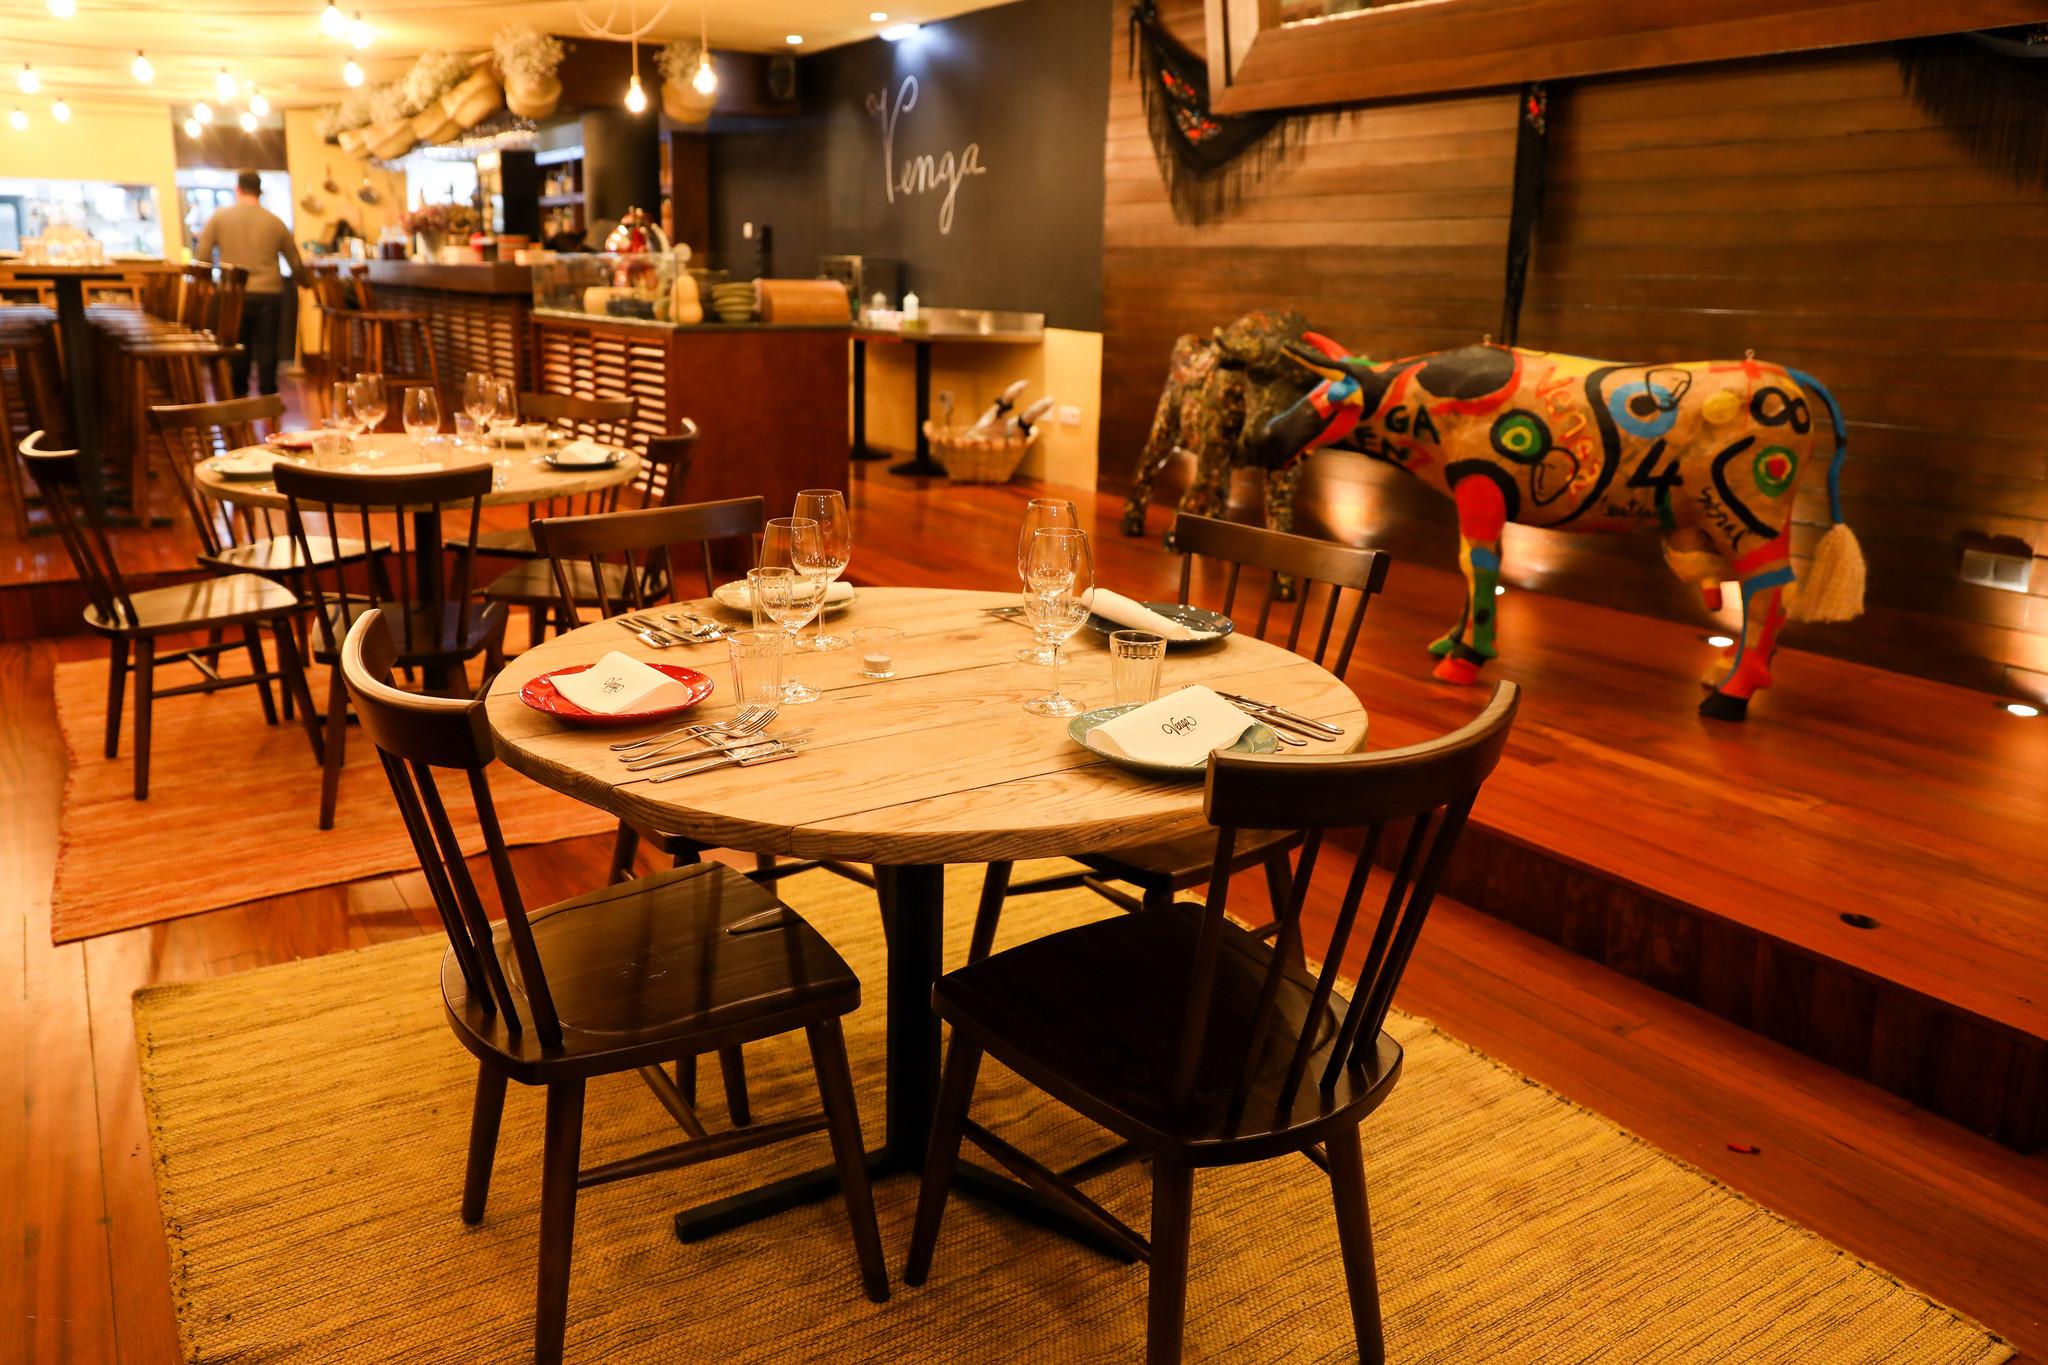 LM-Restaurante Venga 29-11-18-2.jpg